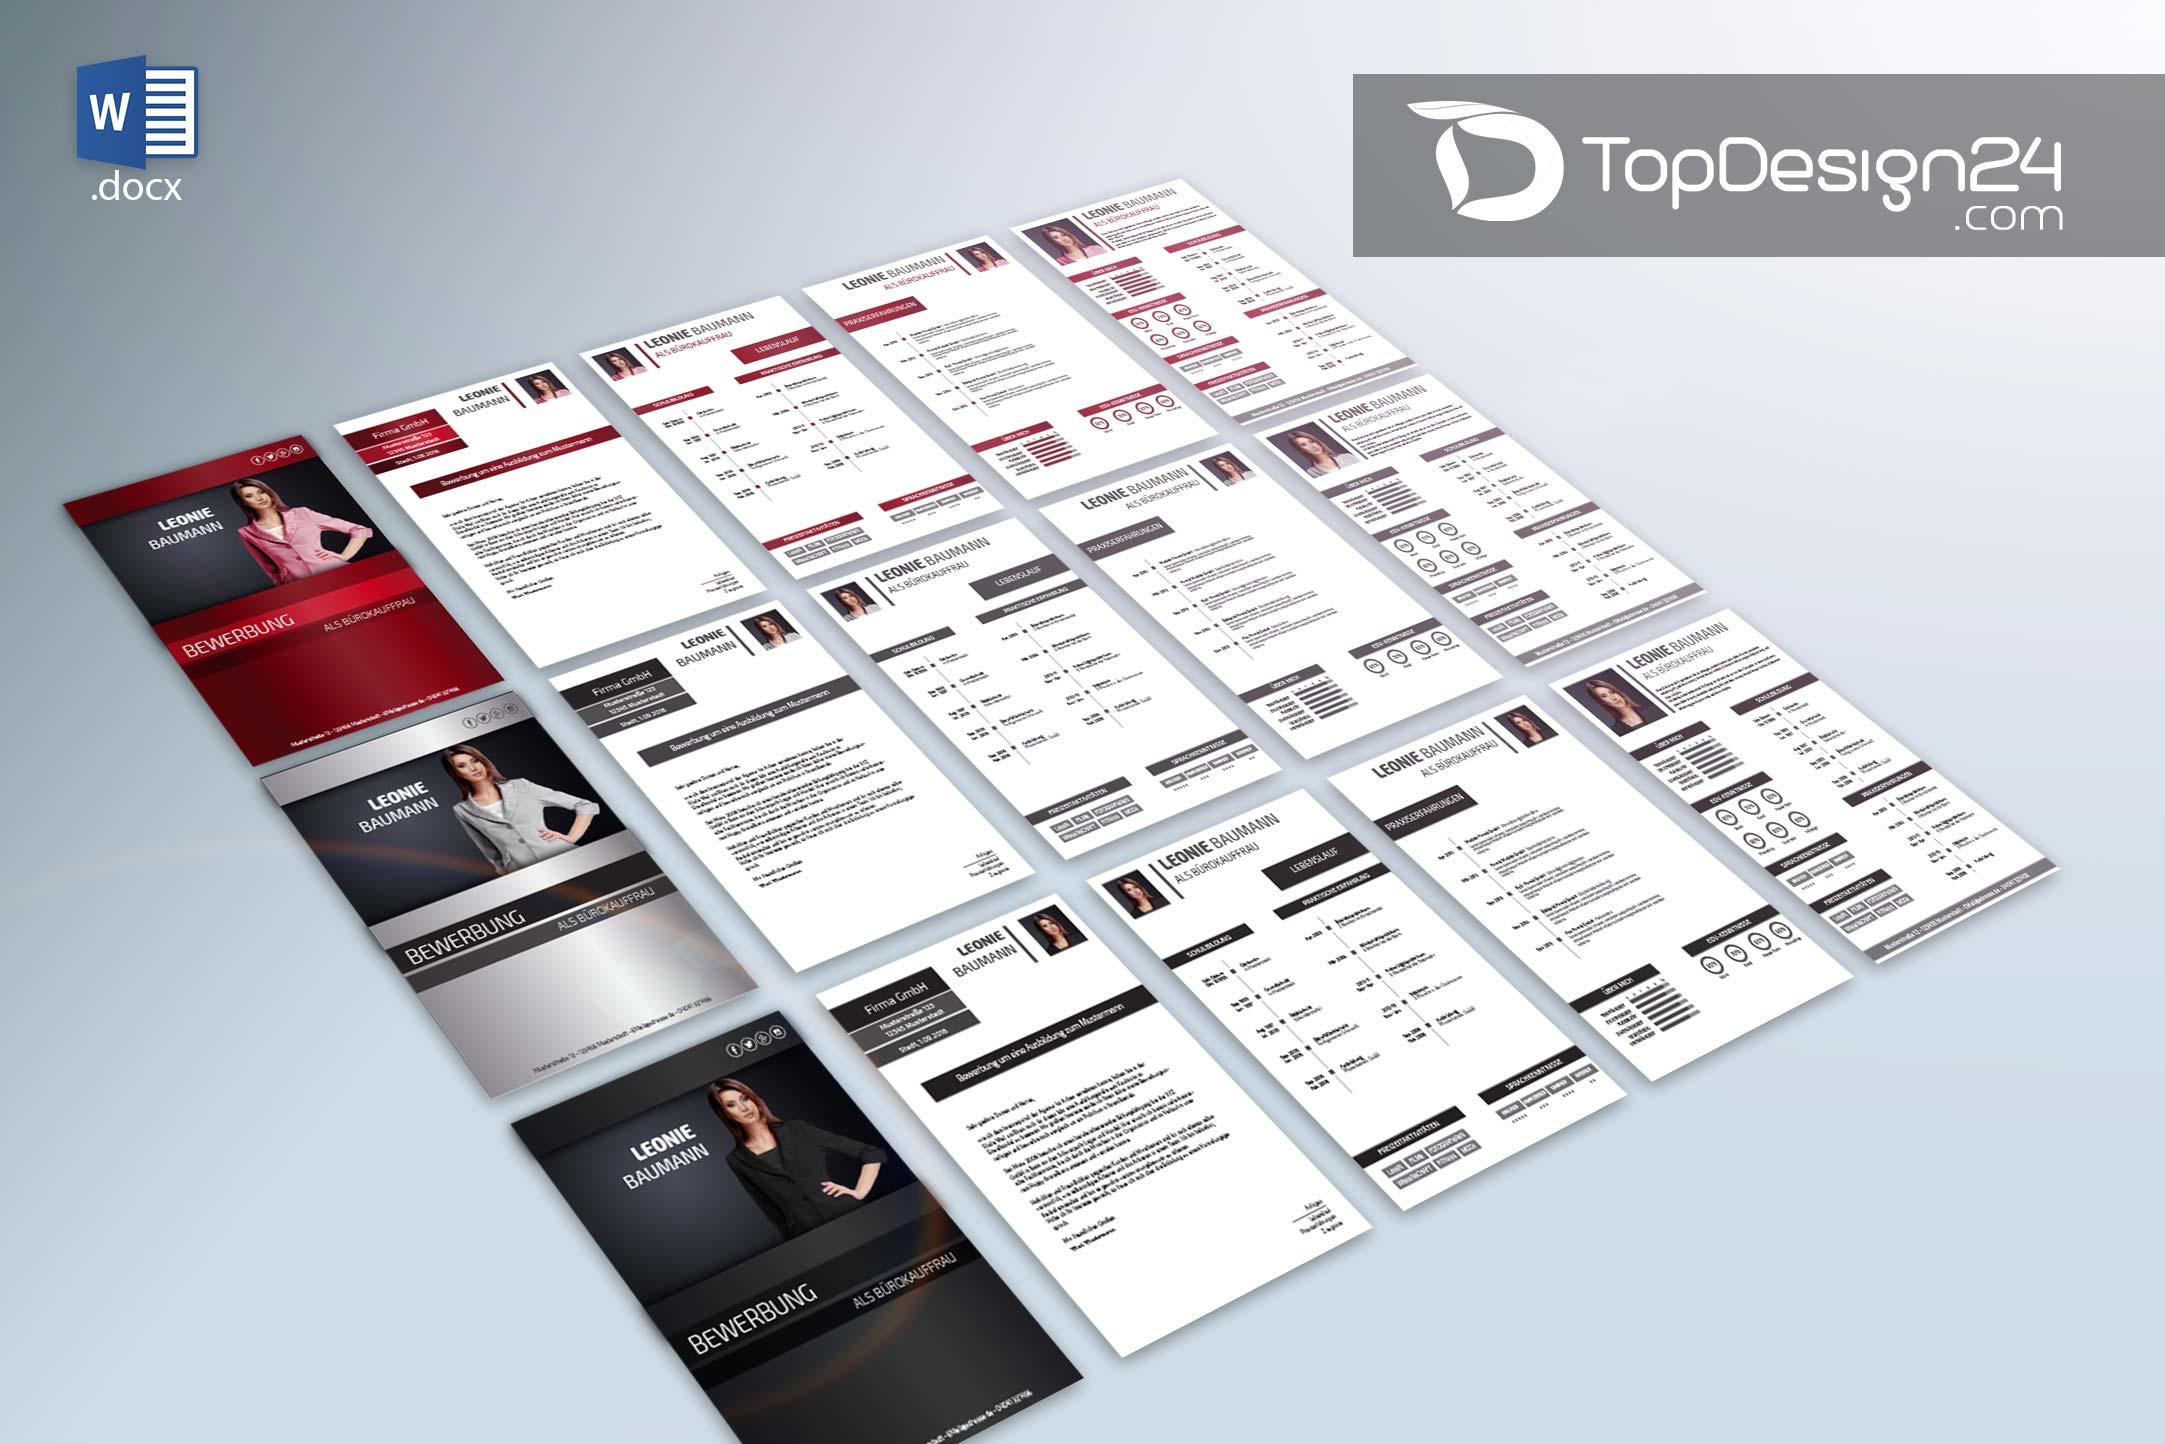 Bewerbung Einleitungssatz Topdesign24 Richtige Wortwahl